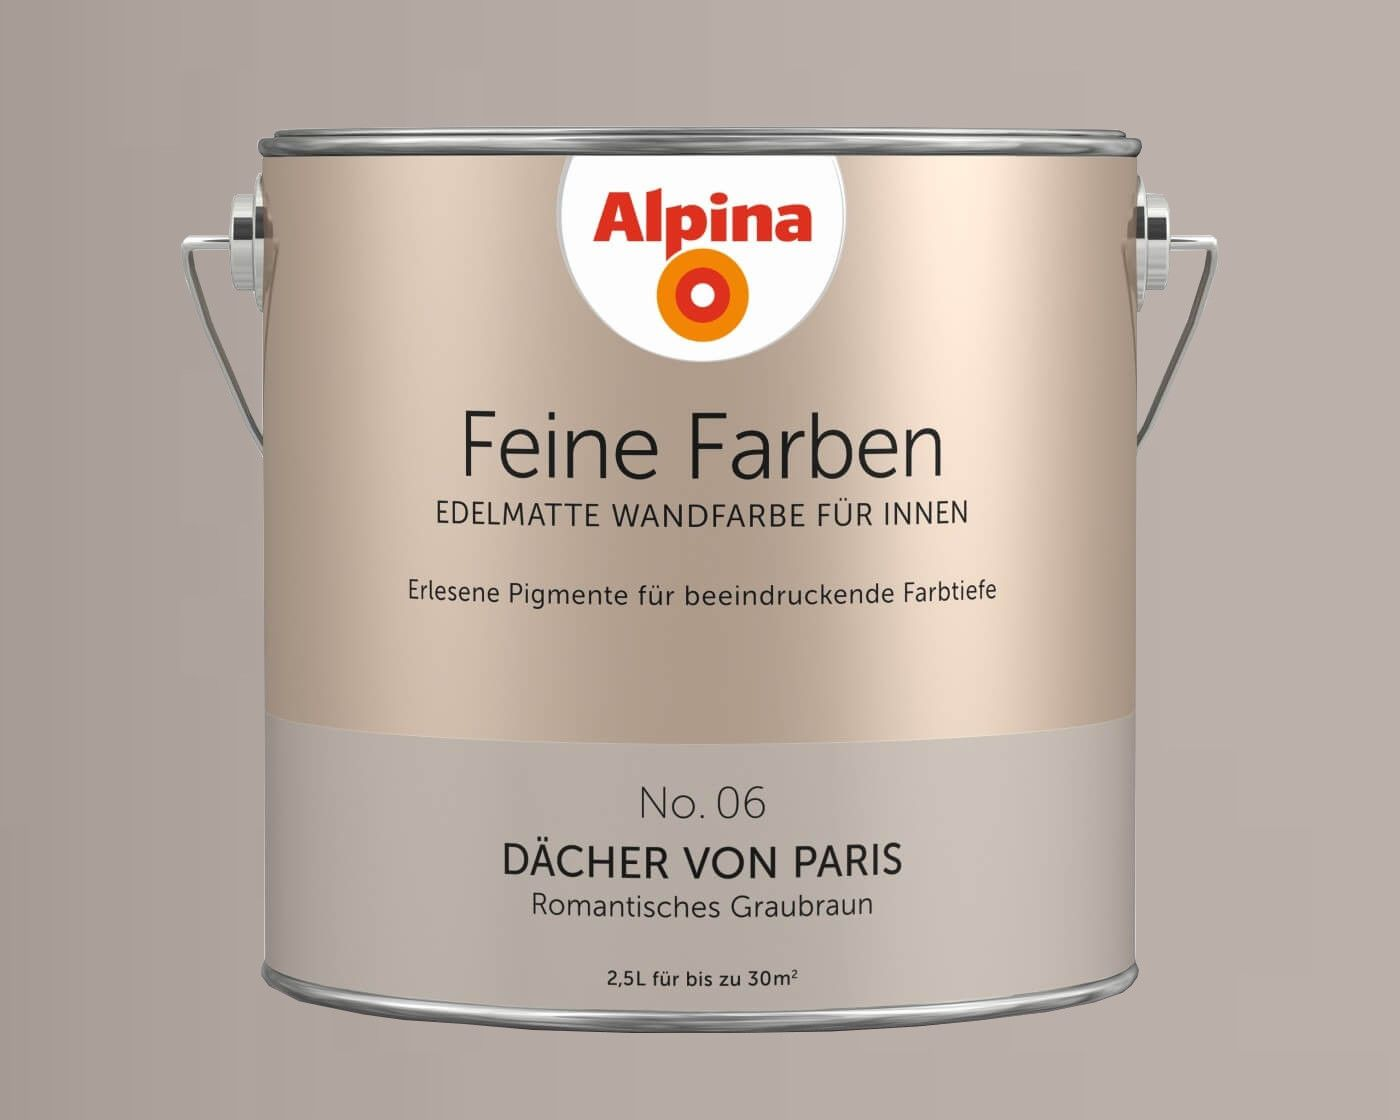 Alpina Feine Farben - Edelmatte Wandfarbe für Innen, alle Farbtöne, 2,5L Dose #greykitcheninterior